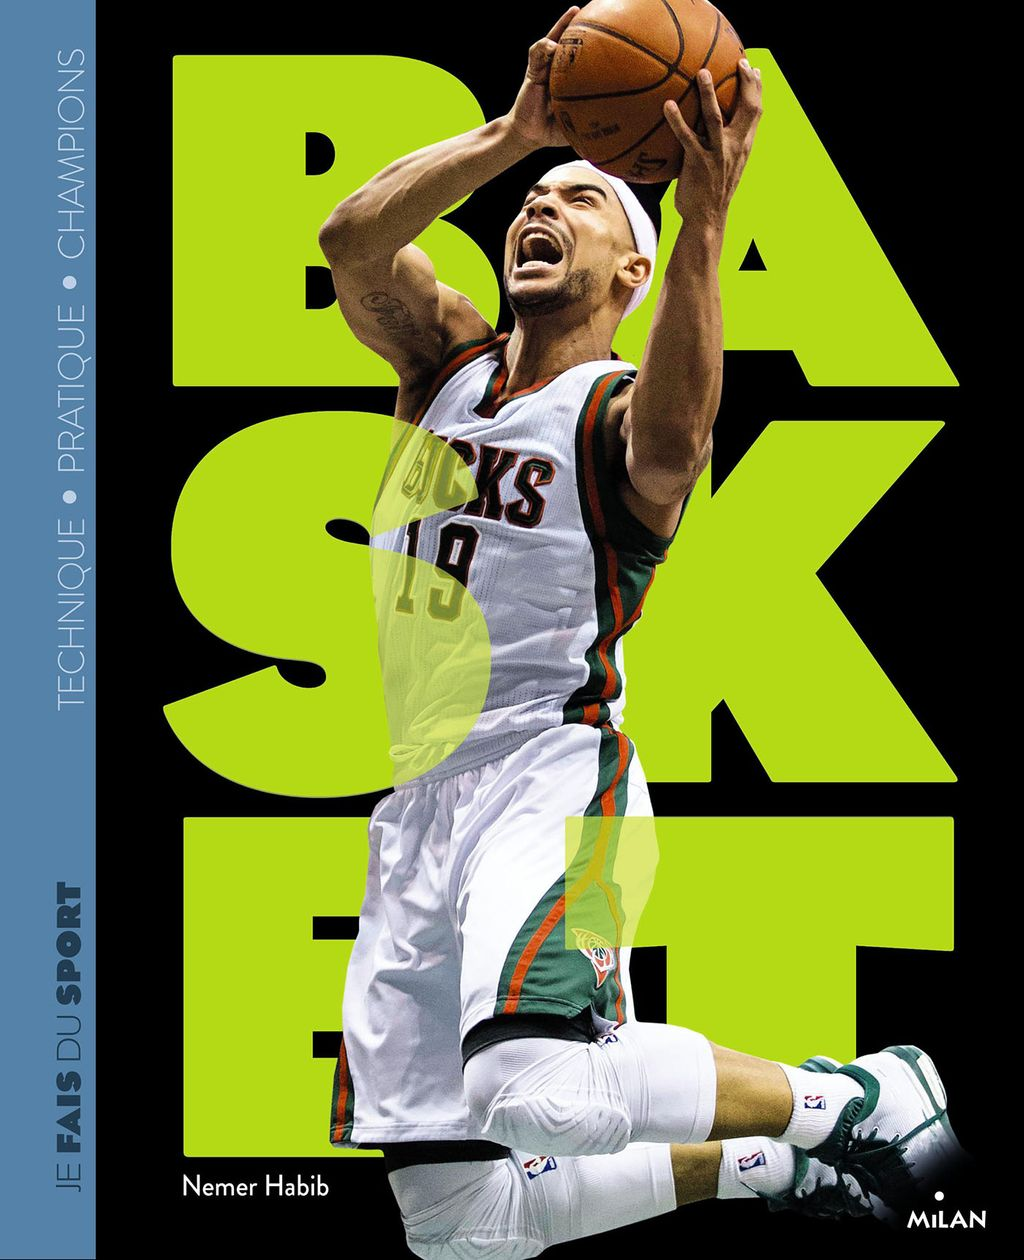 Couverture de «Basket»